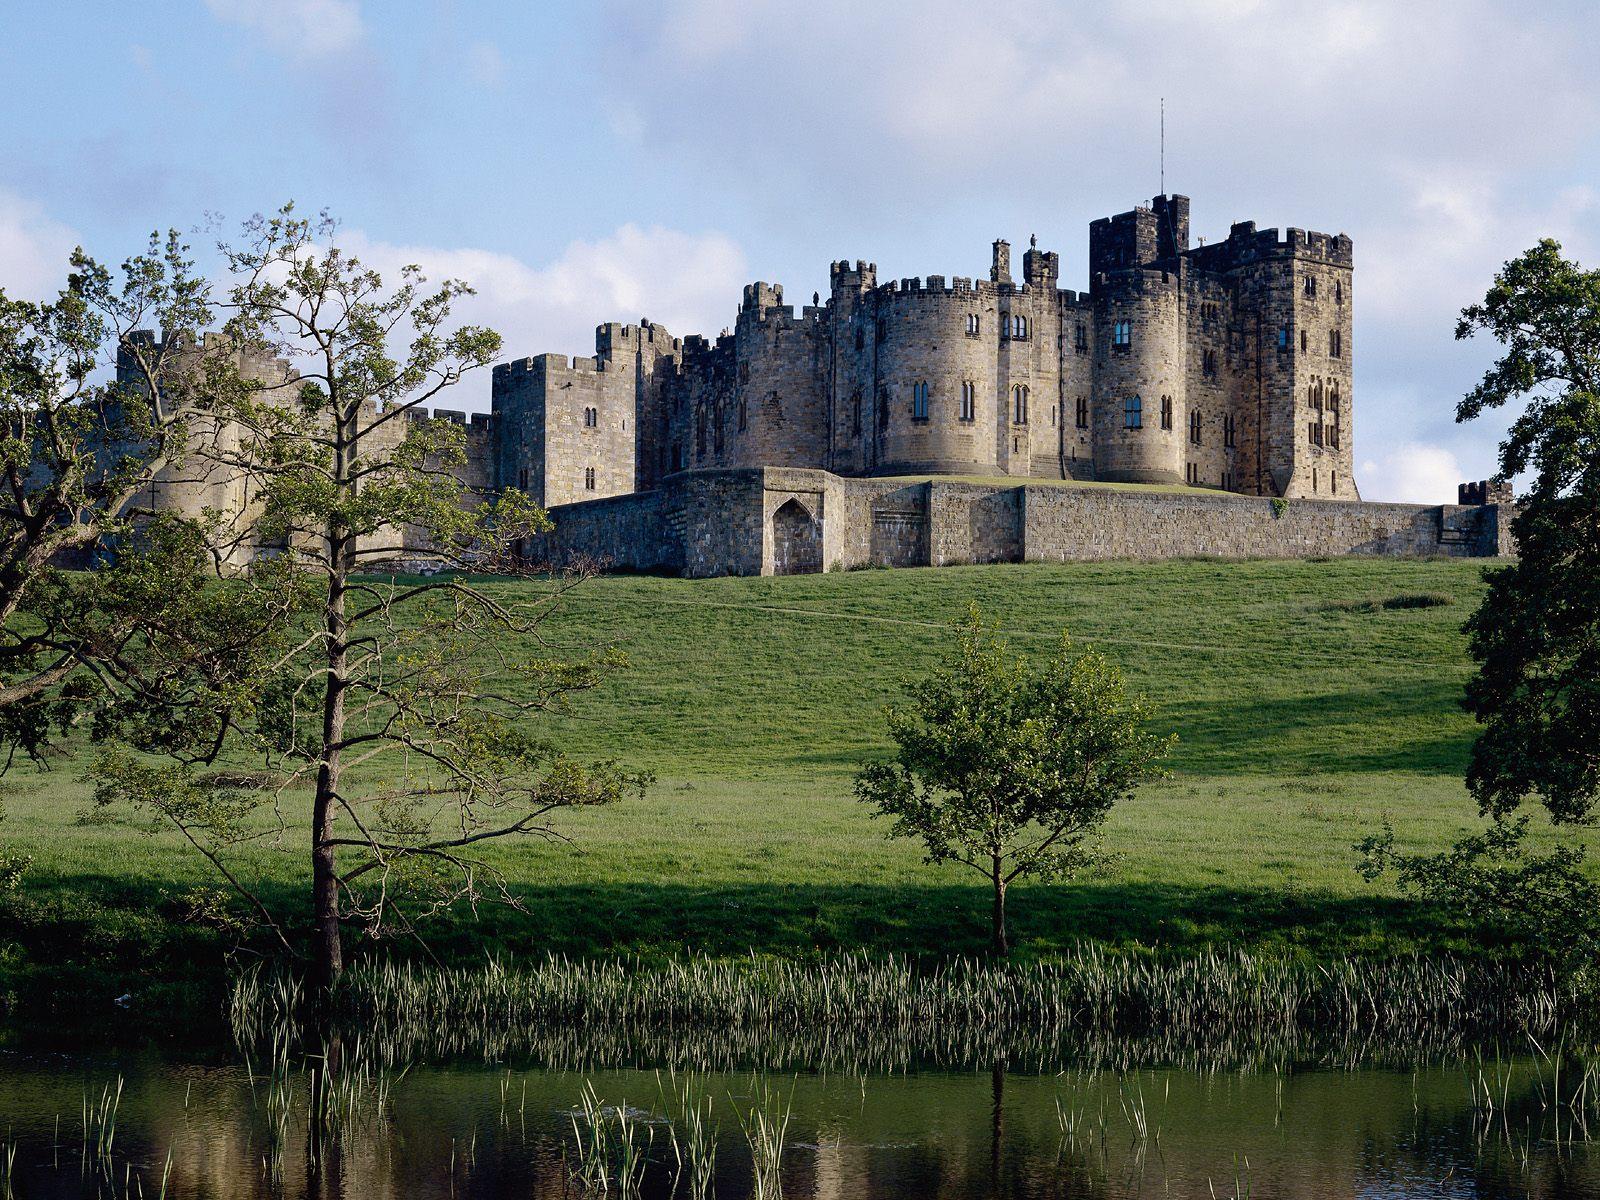 http://3.bp.blogspot.com/-s76cDPYnLqs/Th8xT5syFNI/AAAAAAAAATU/BsomS3d6y7w/s1600/Northumberland-Castle-1-7S8QHDJ3VZ-1600x1200.jpg